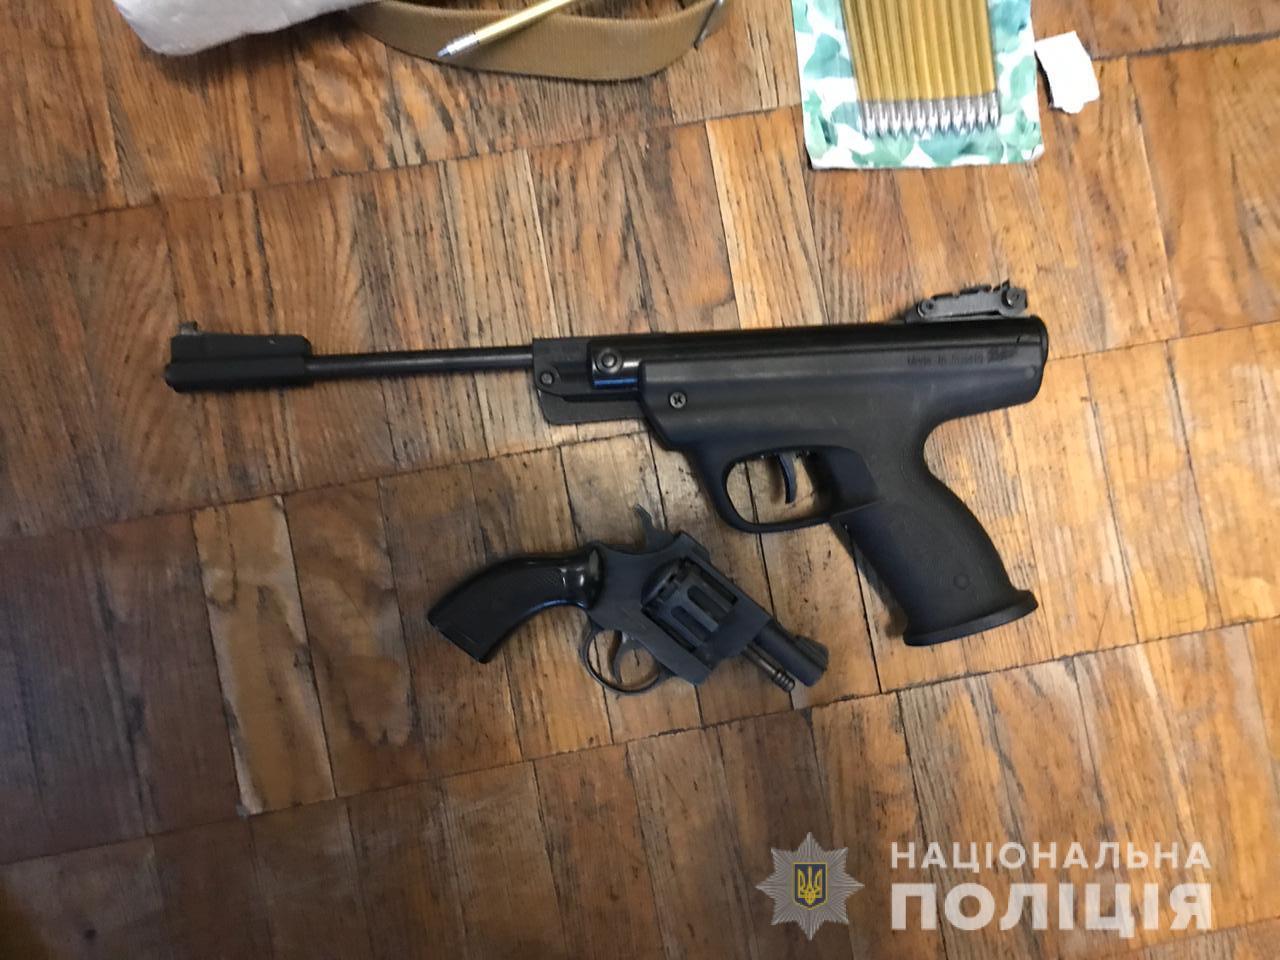 Цілий арсенал: на Київщині затримали збувача вогнепальної зброї -  - kyyivzbroya1